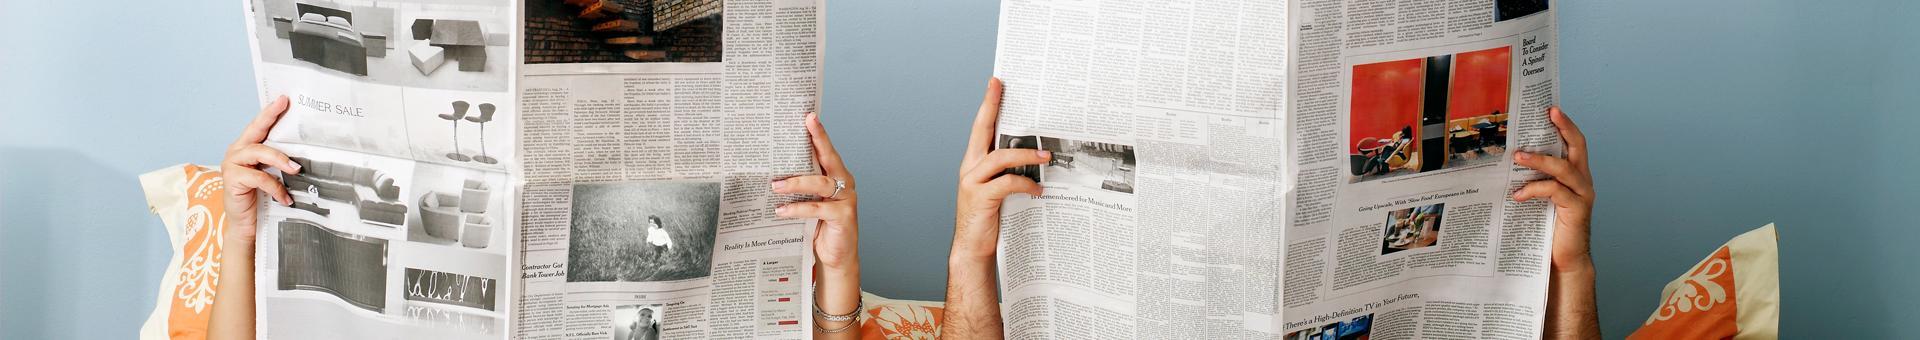 Dwie osoby czytające gazetę